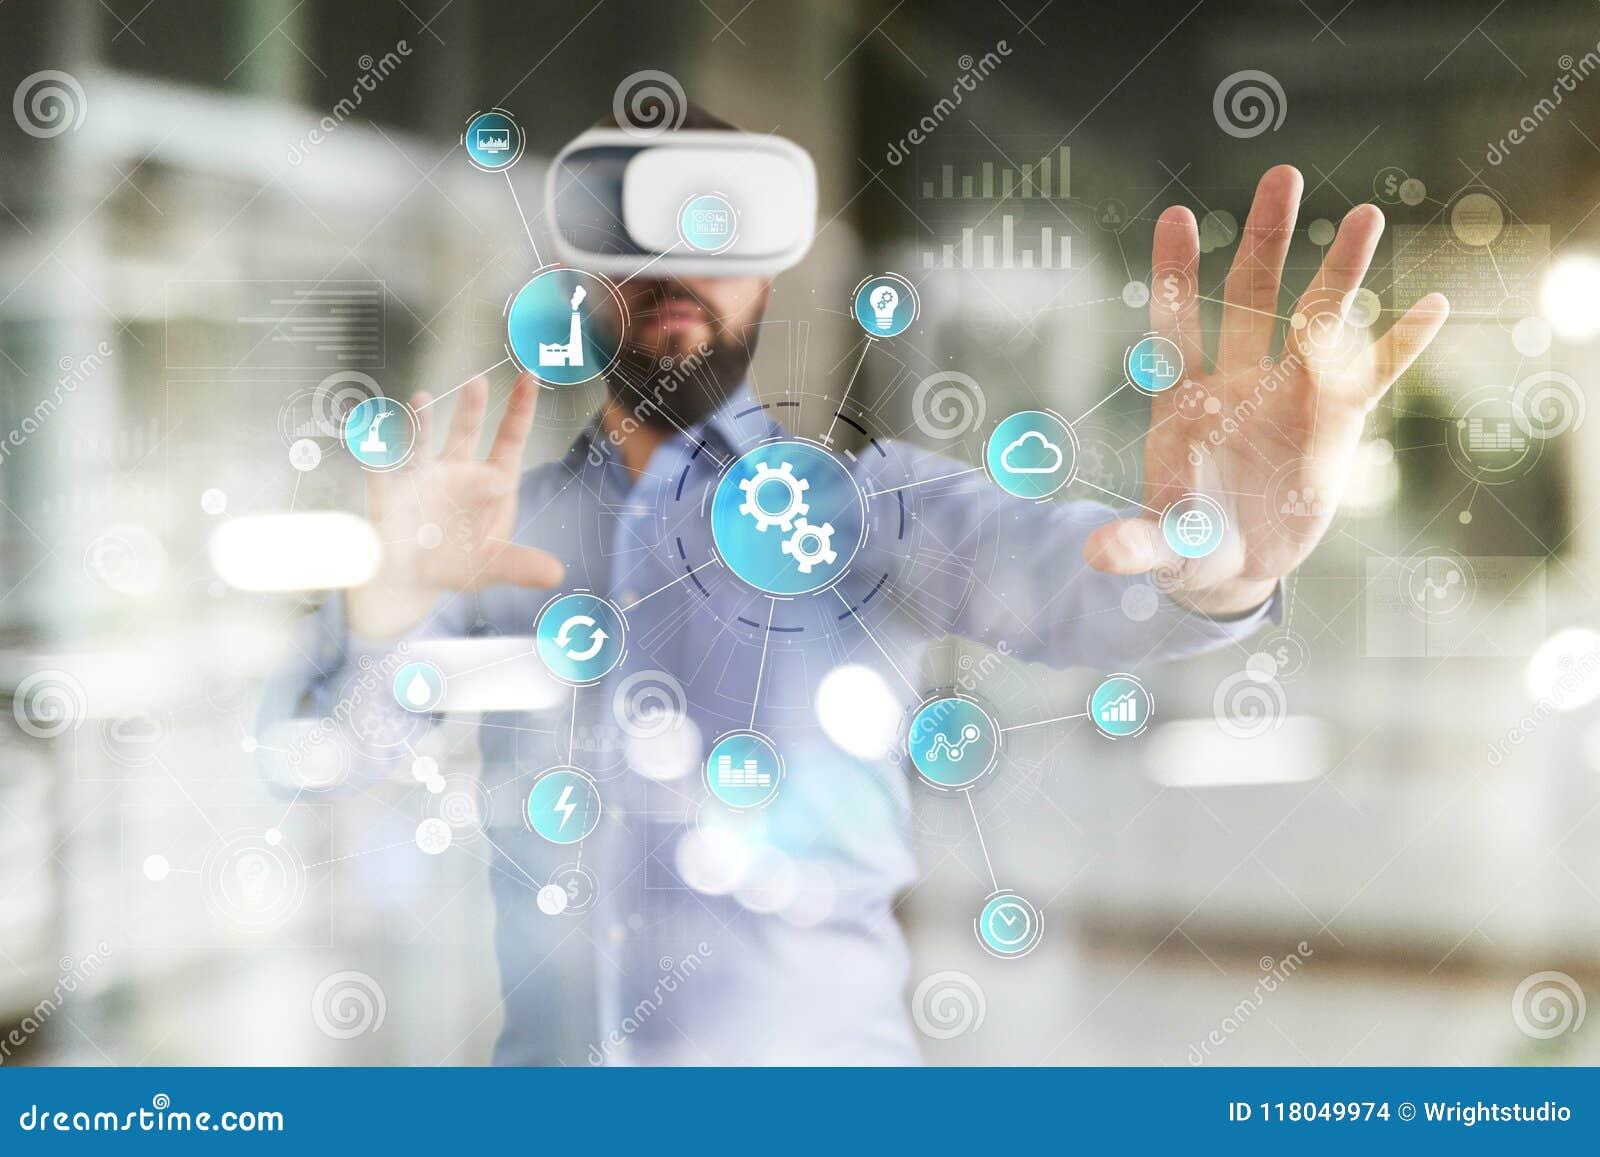 Conceito esperto da indústria e da automatização Internet das coisas IOT, conceito da tecnologia